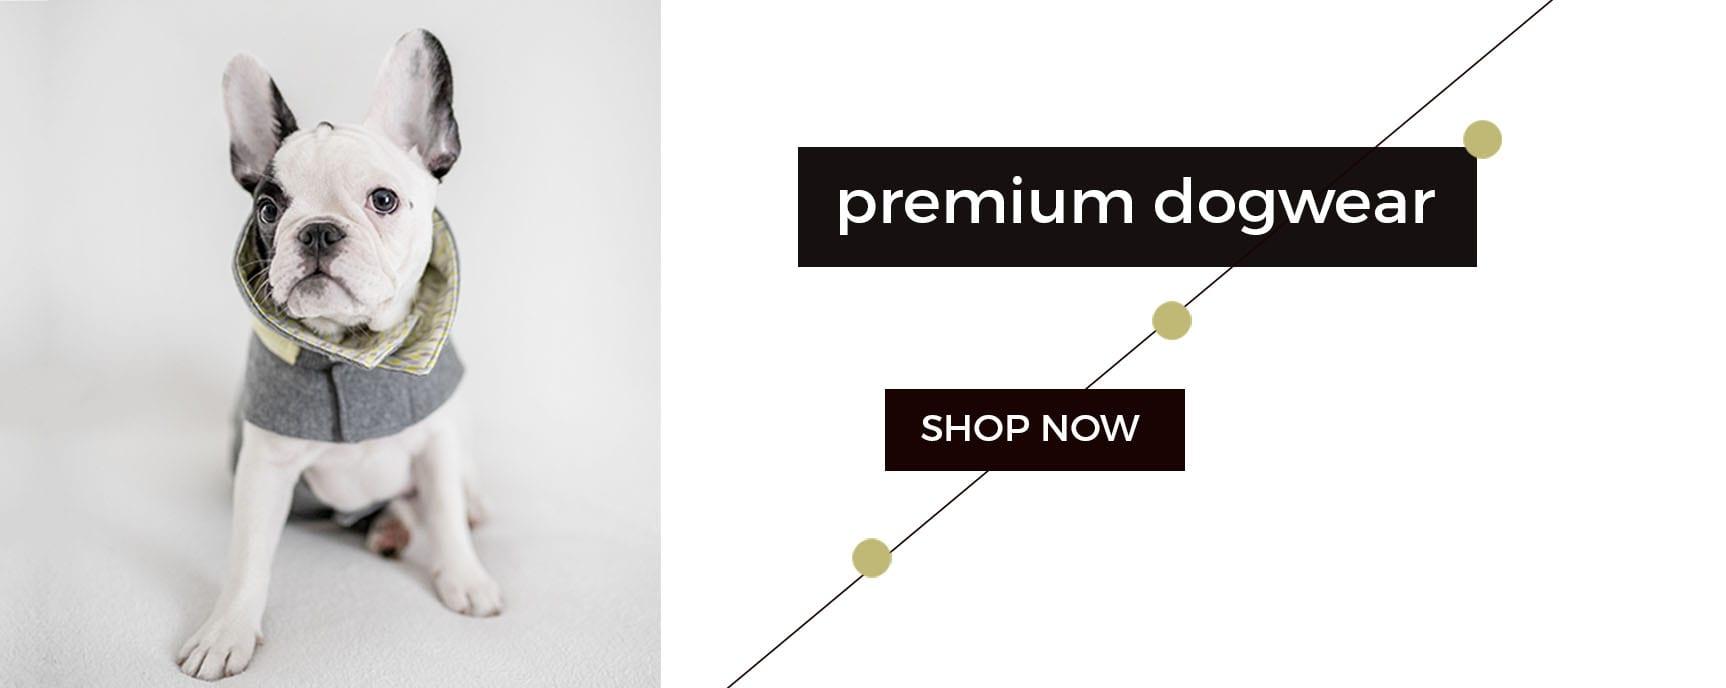 Pawpawpaw Premium Dogwear